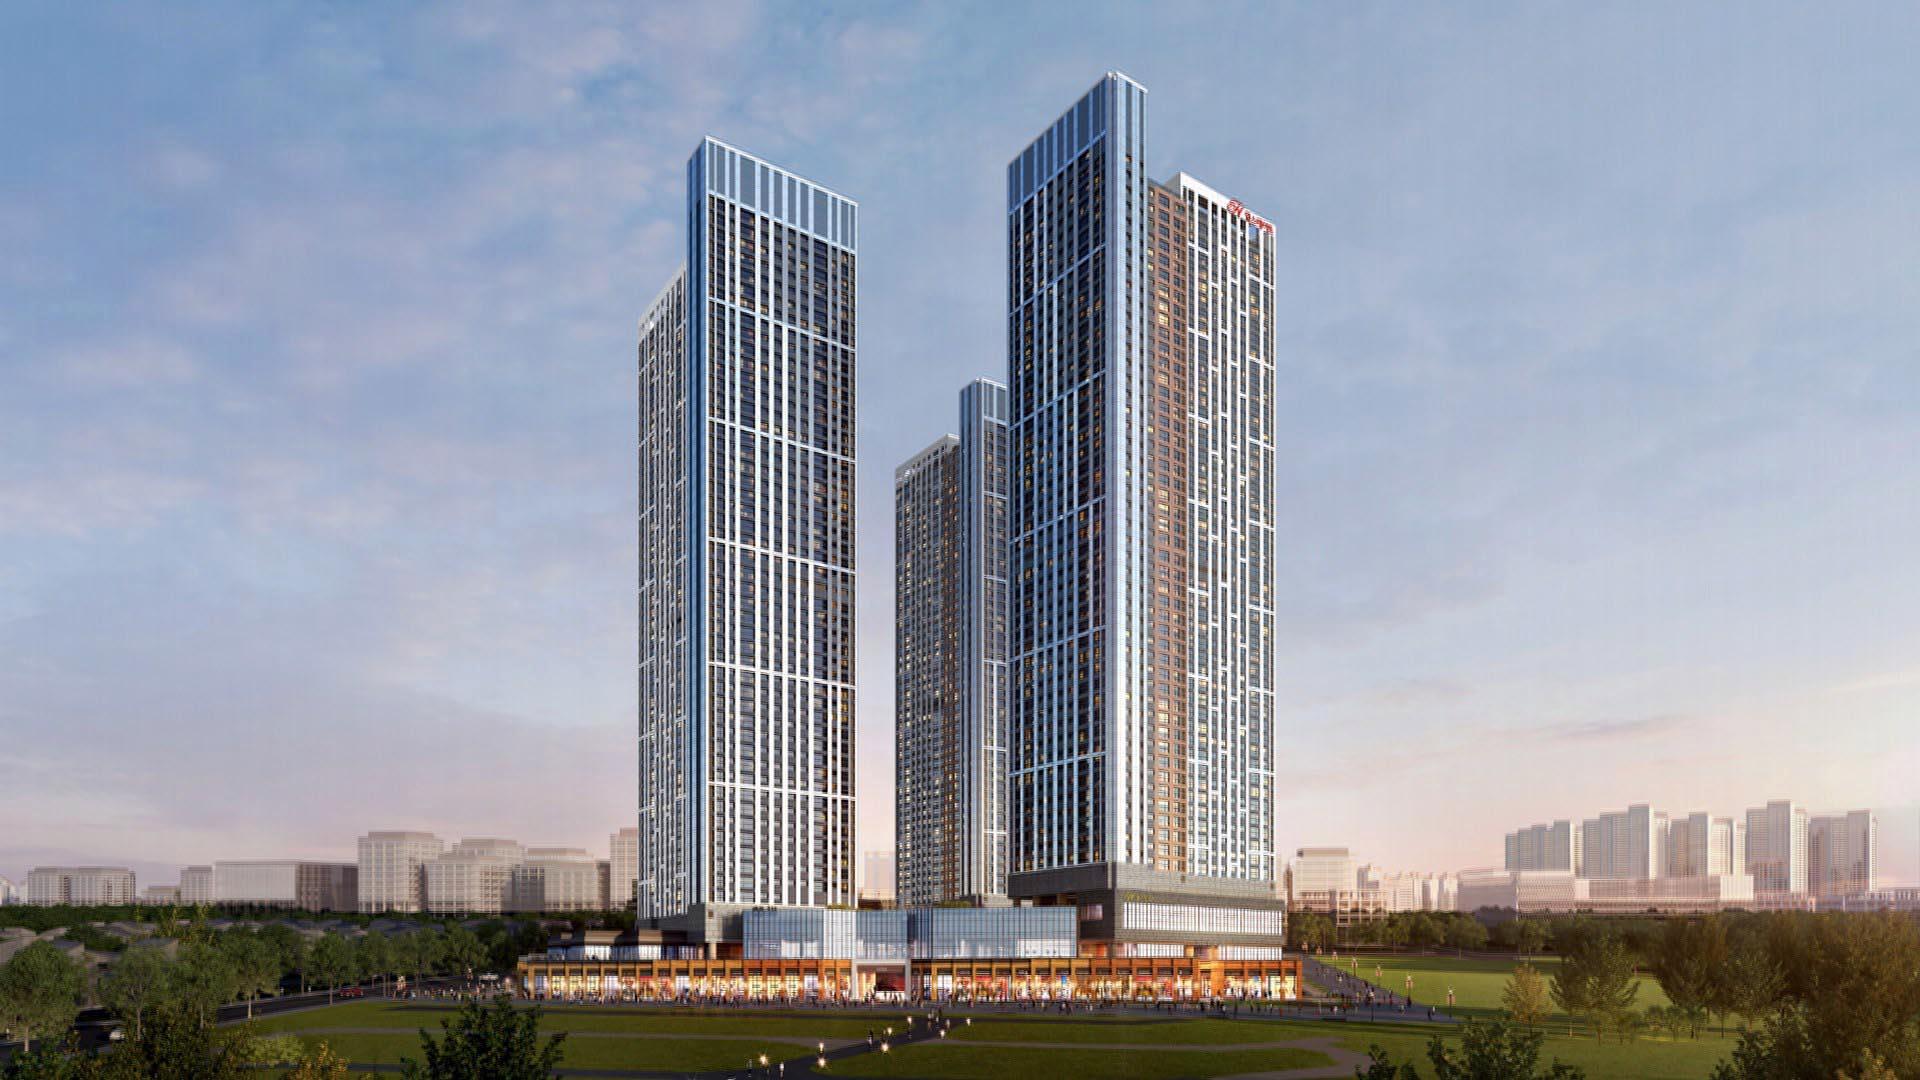 [비즈&] 현대건설, '힐스테이트 고덕 스카이시티' 분양 外